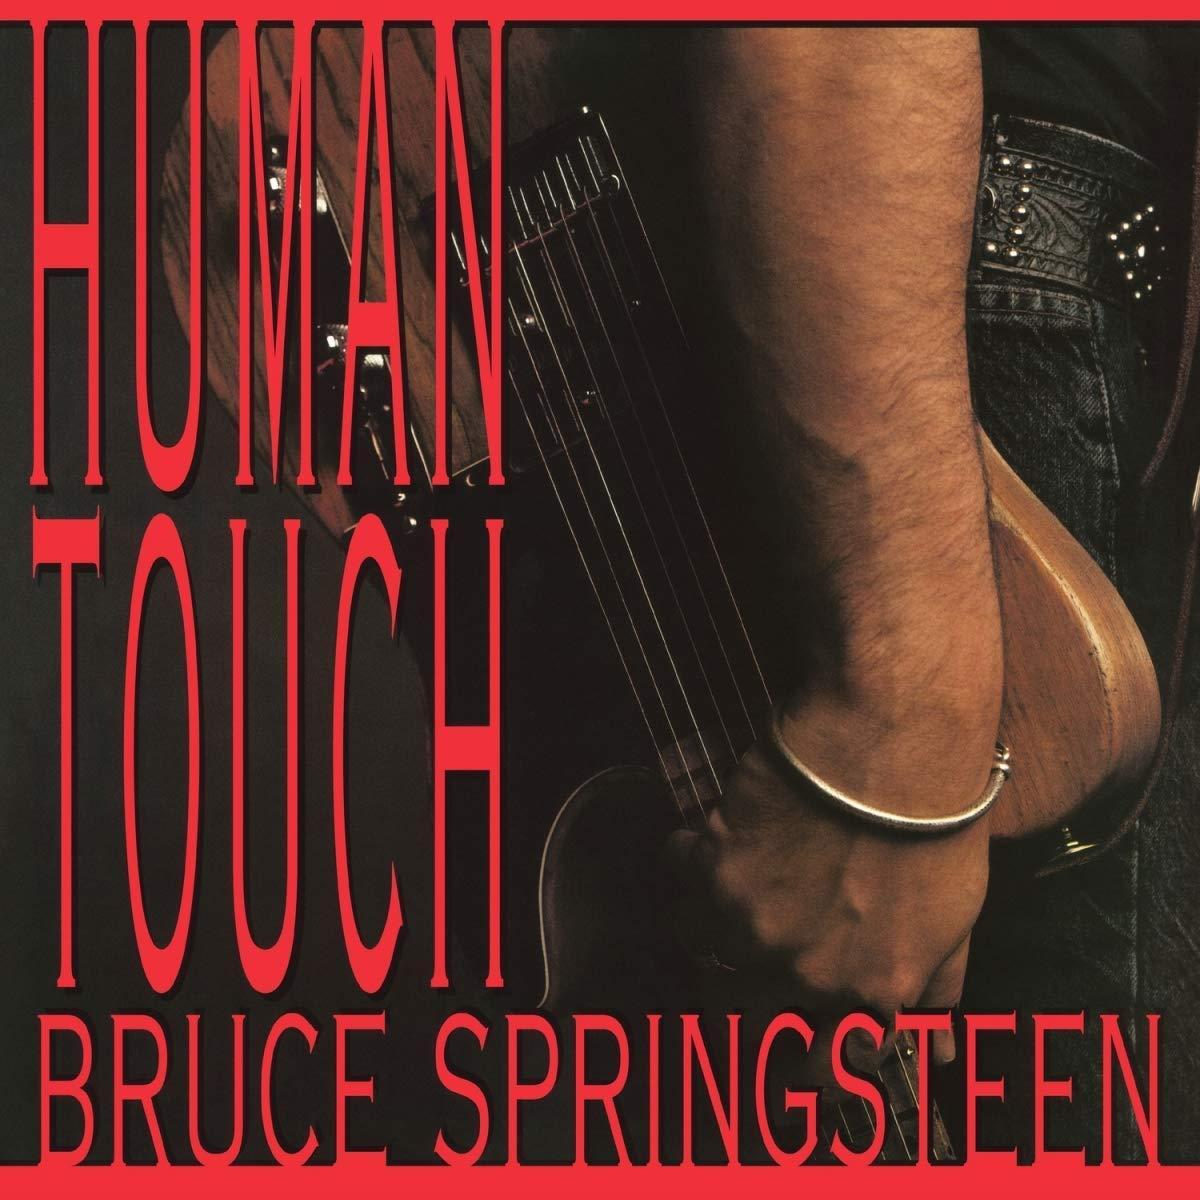 Брюс Спрингстин Bruce Springsteen. Human Touch (2 LP) bruce springsteen bruce springsteen human touch 2 lp